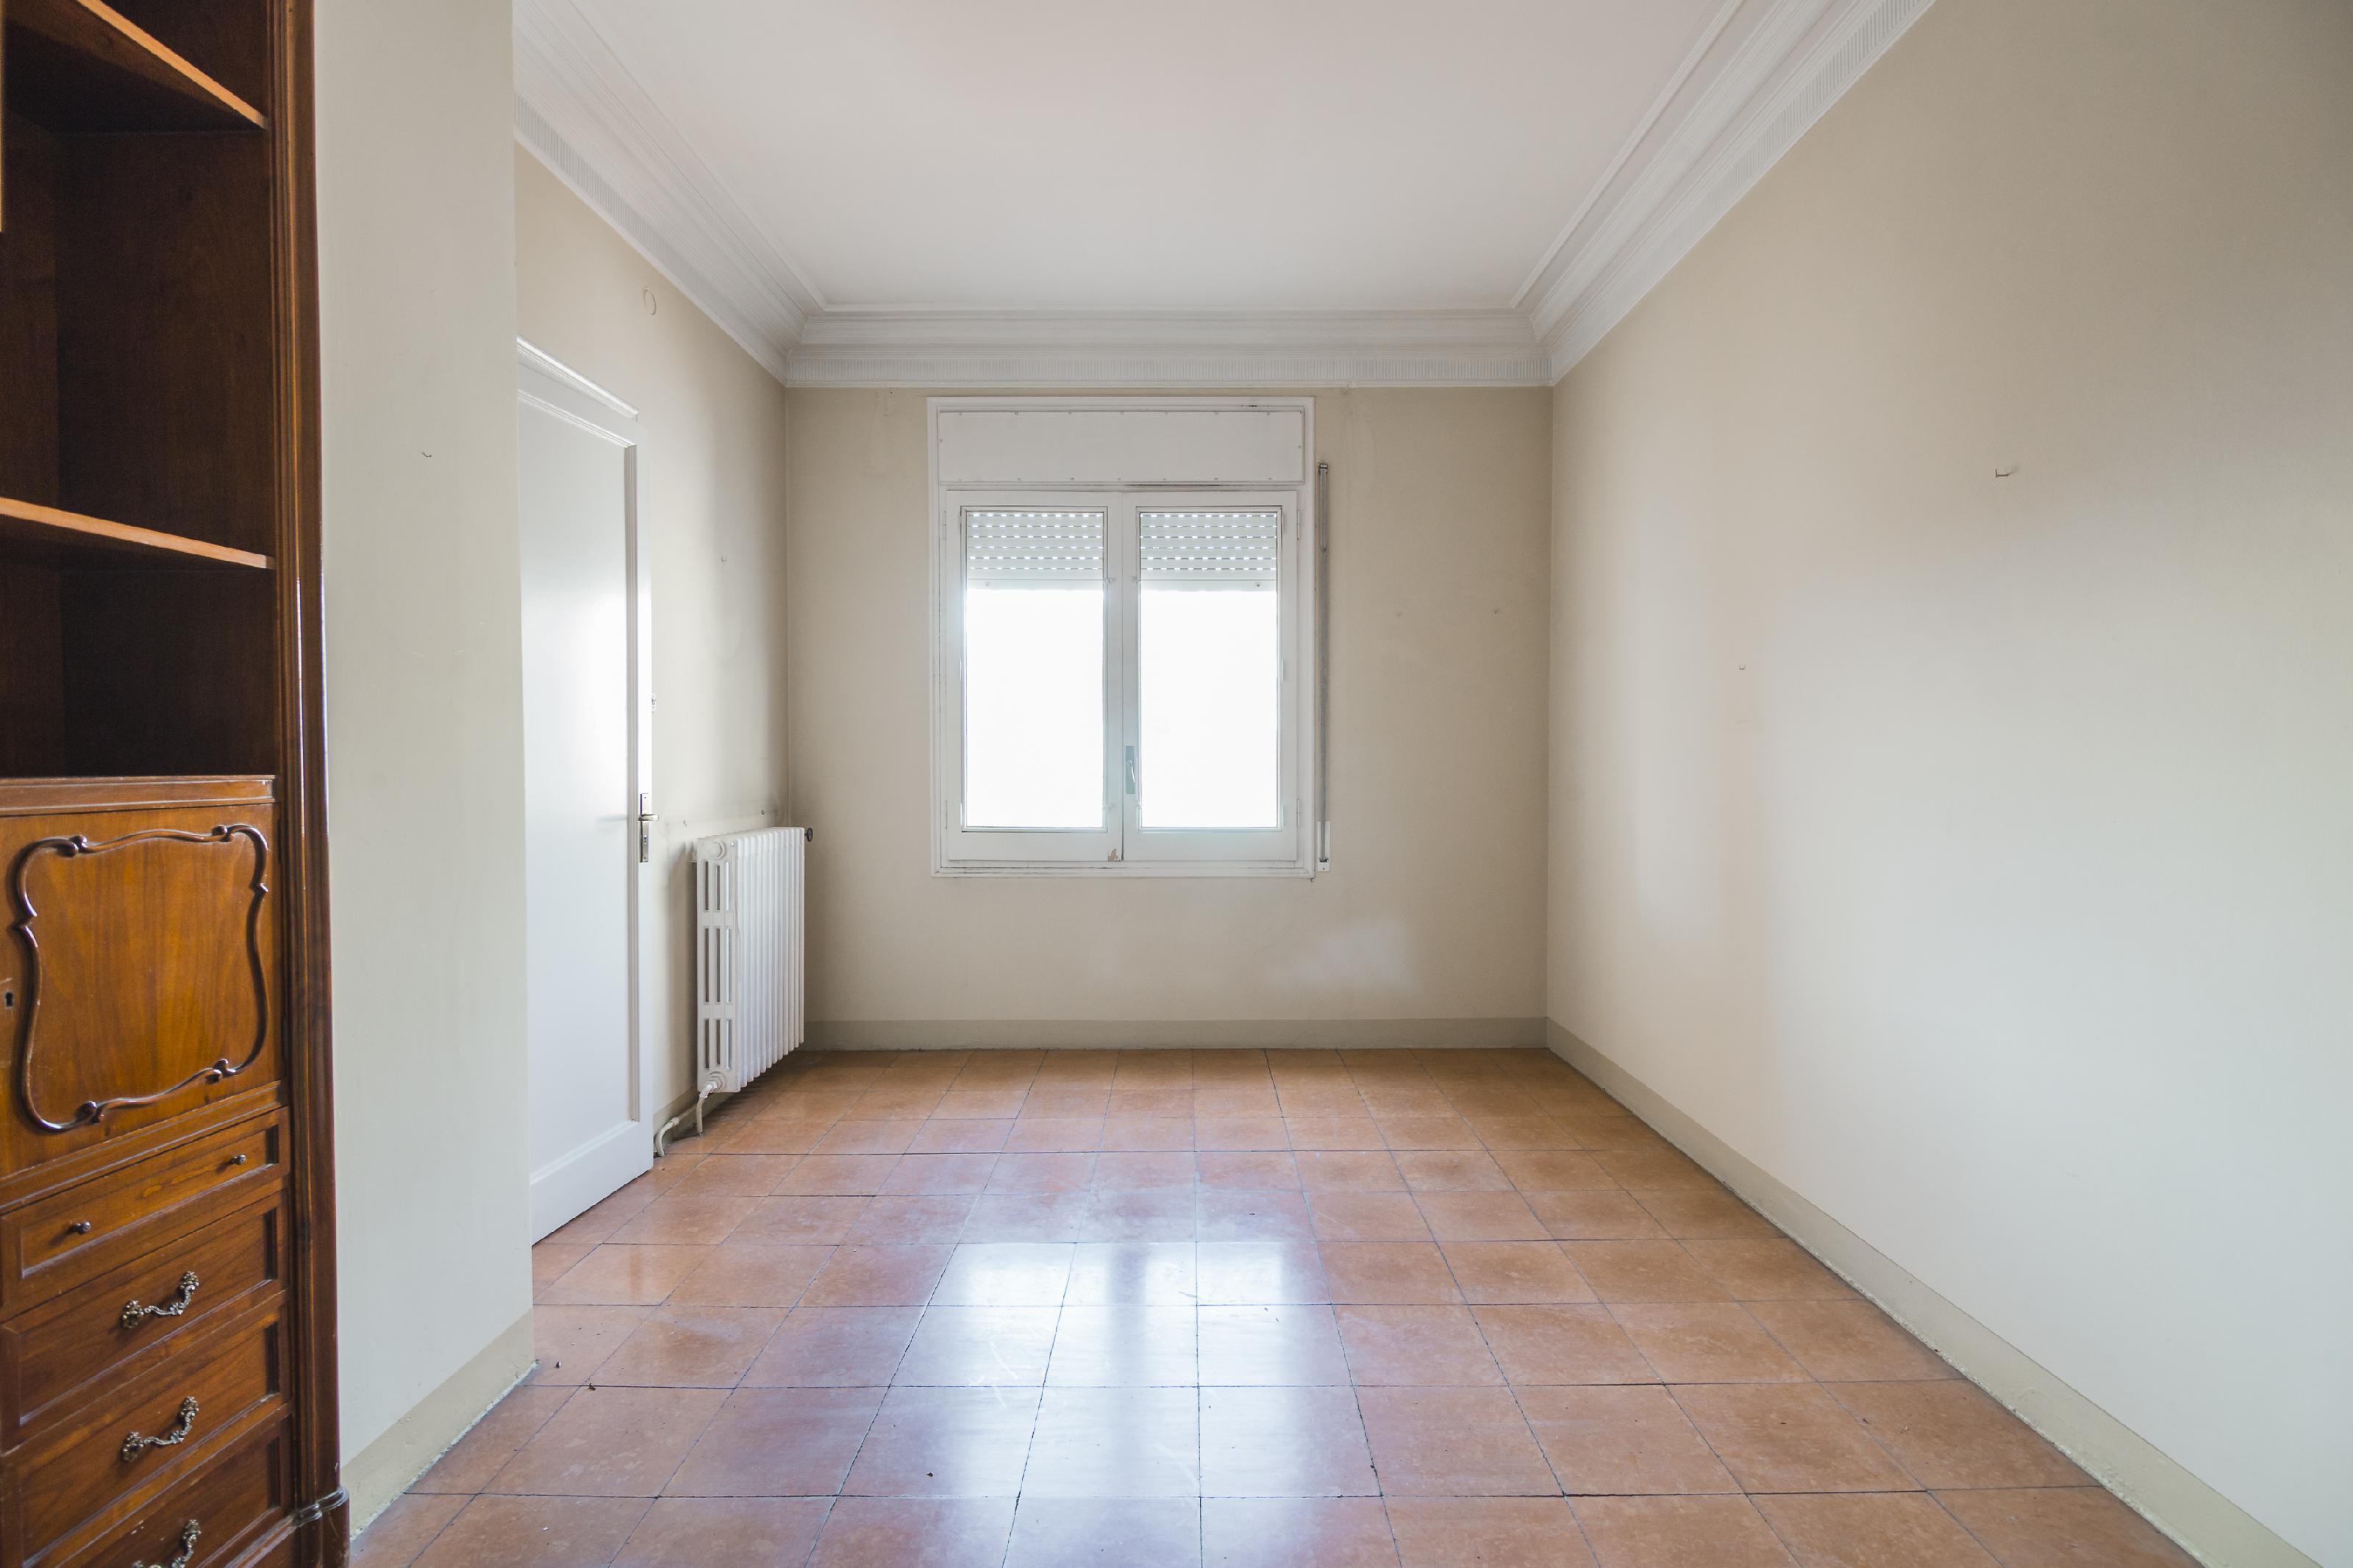 246643 Penthouse for sale in Sarrià-Sant Gervasi, St. Gervasi-Bonanova 33